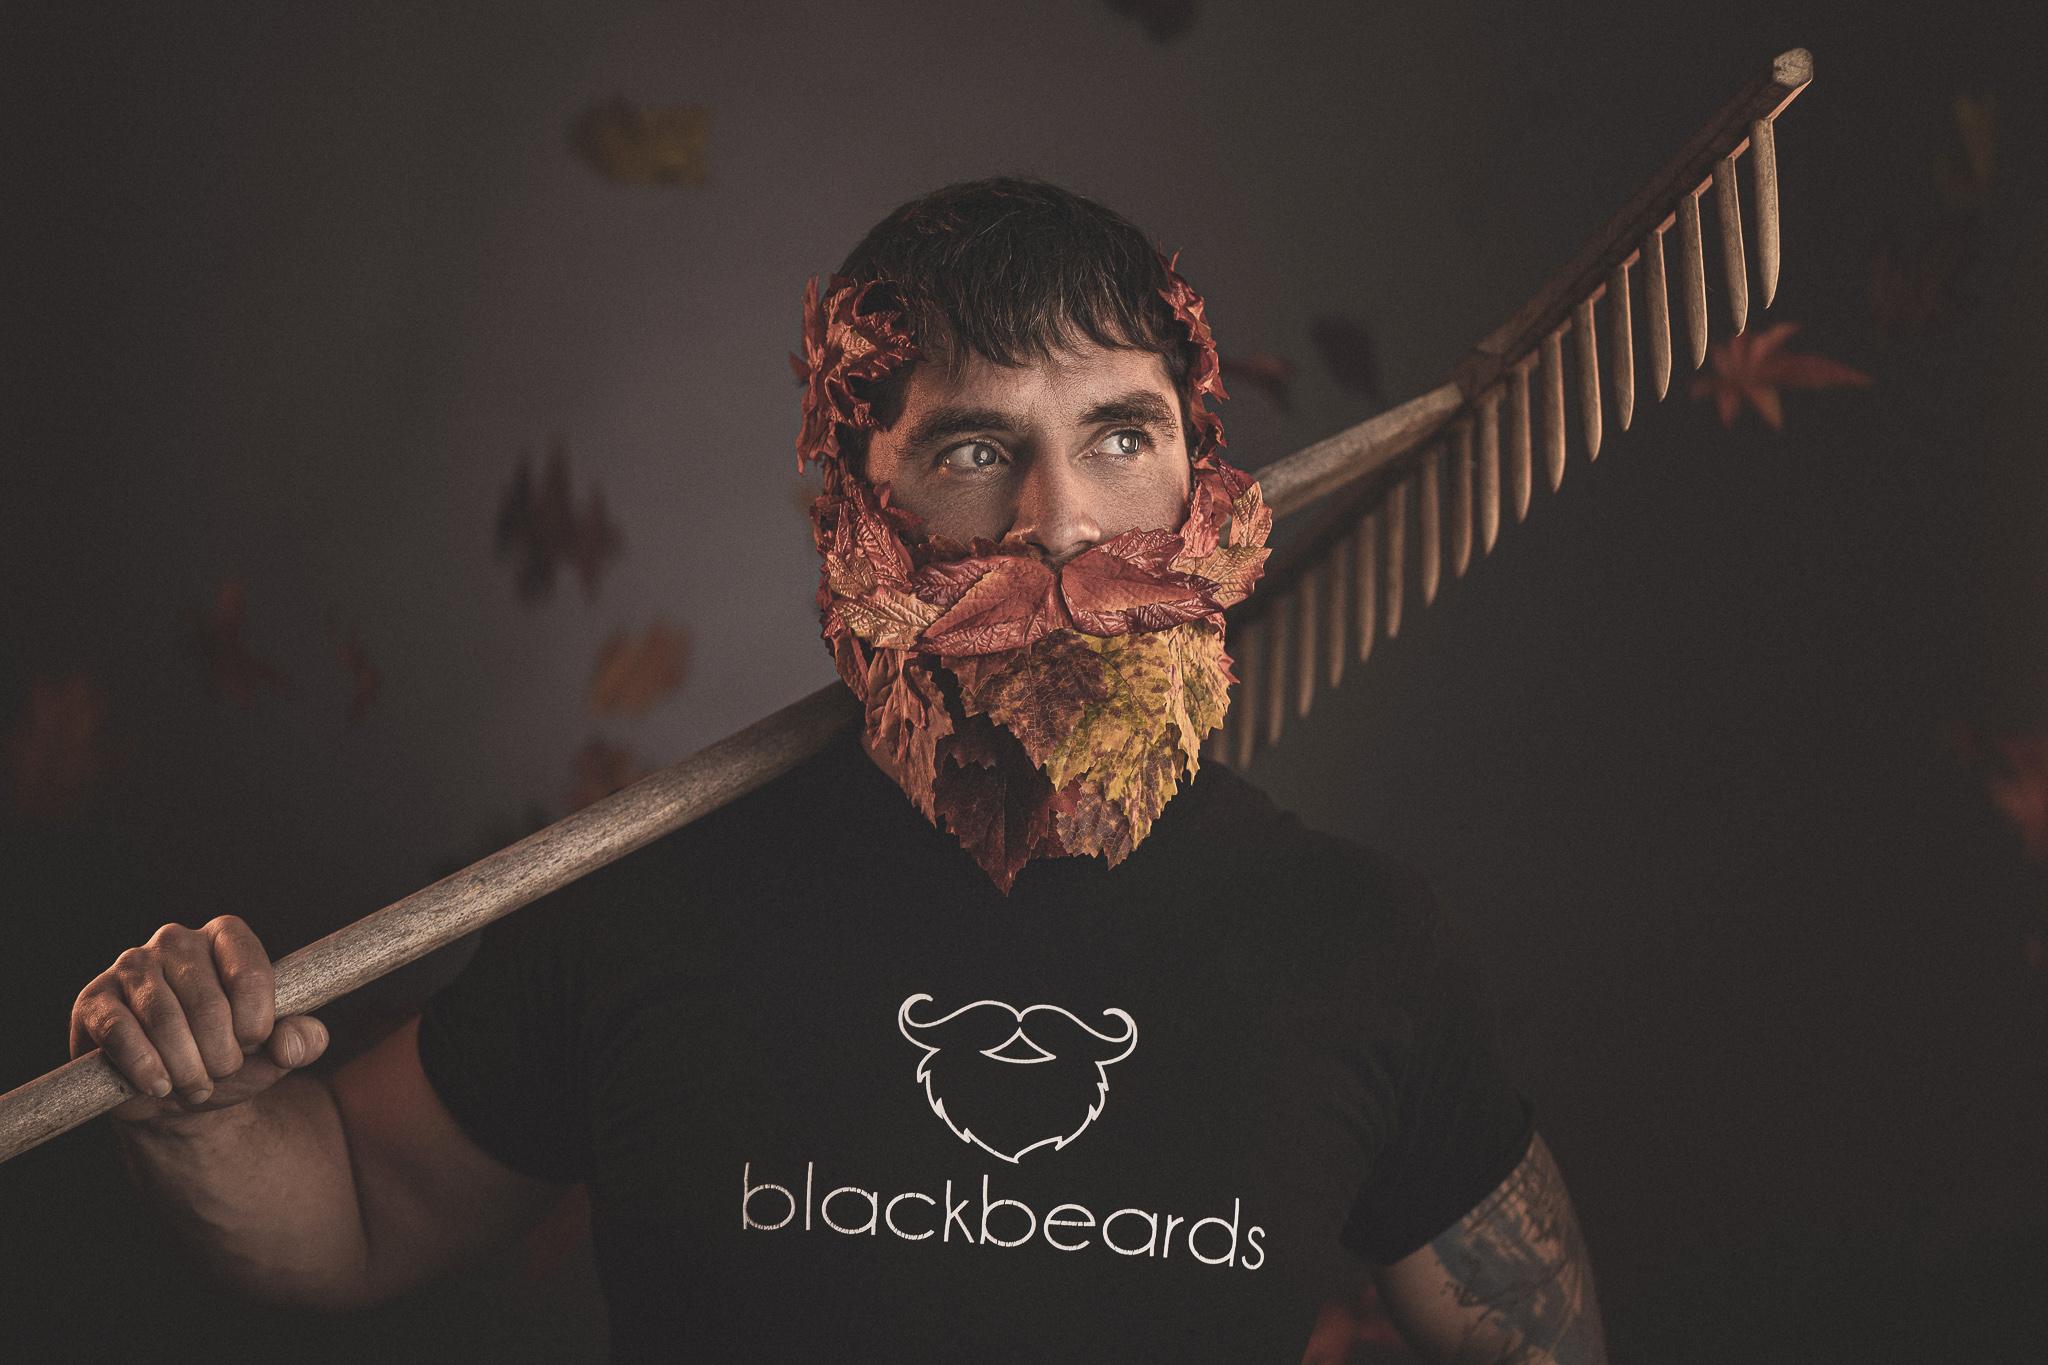 Mike Seebauer von blackbeards mit einem Bart aus Laubblättern und einem Rechen